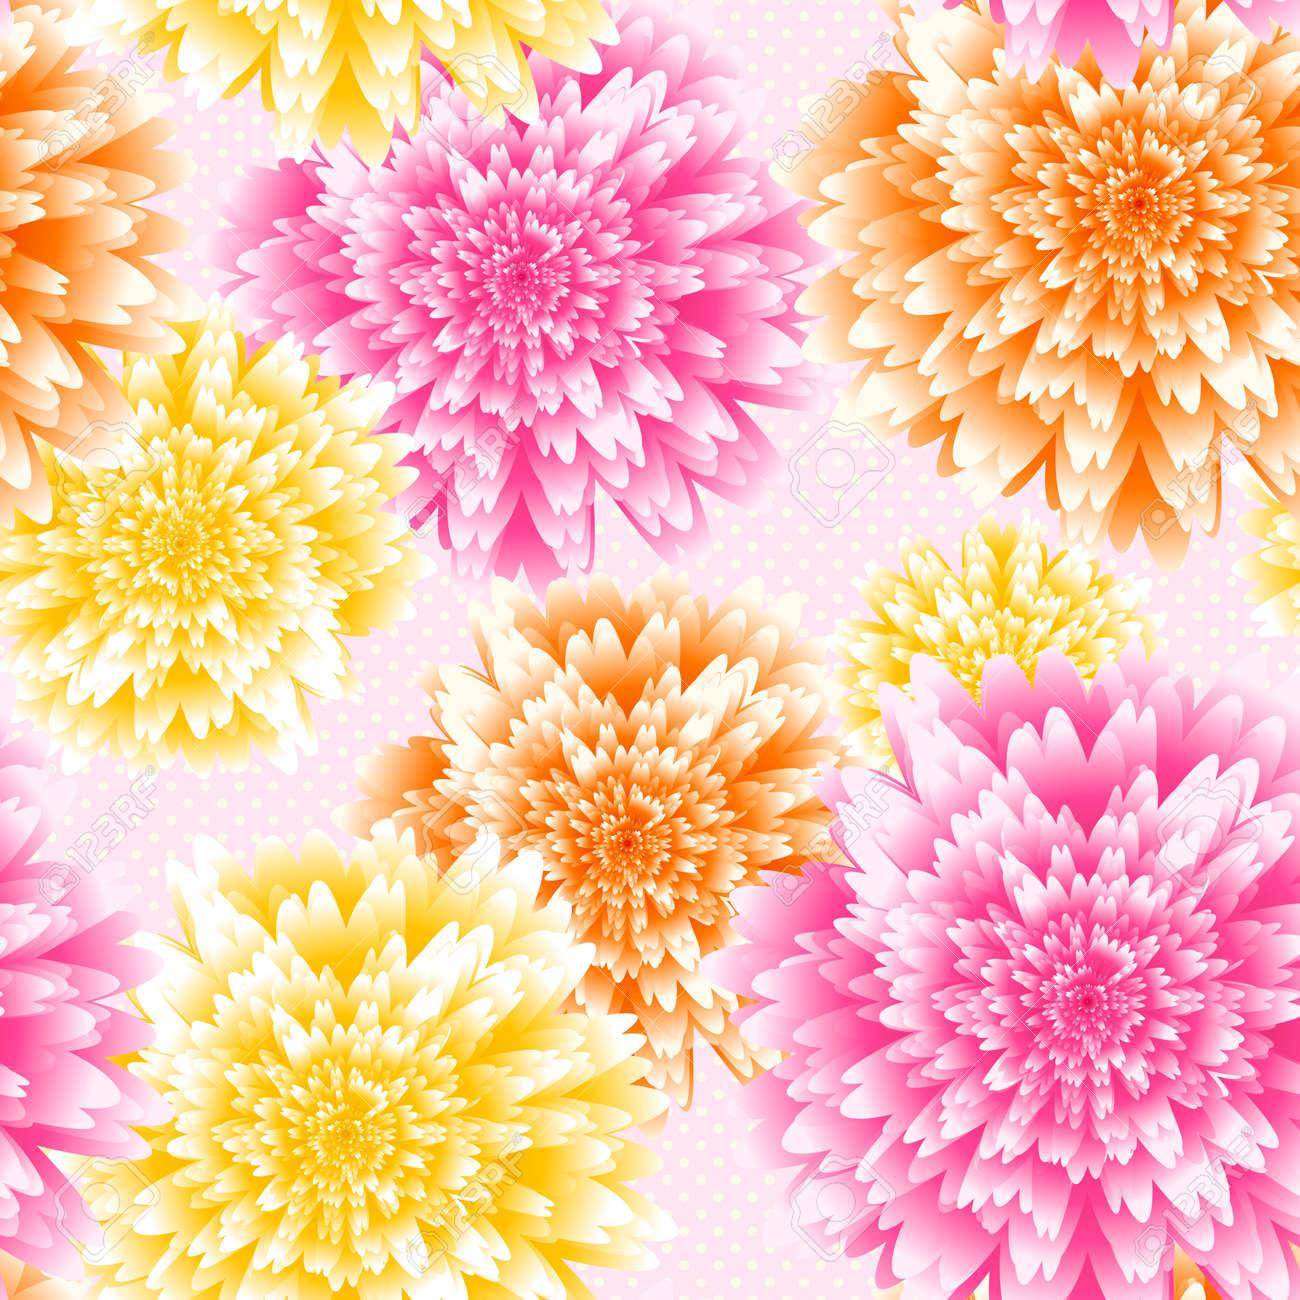 ベクトル菊の花背景。アスターの花のベクトル イラスト。結婚式の背景